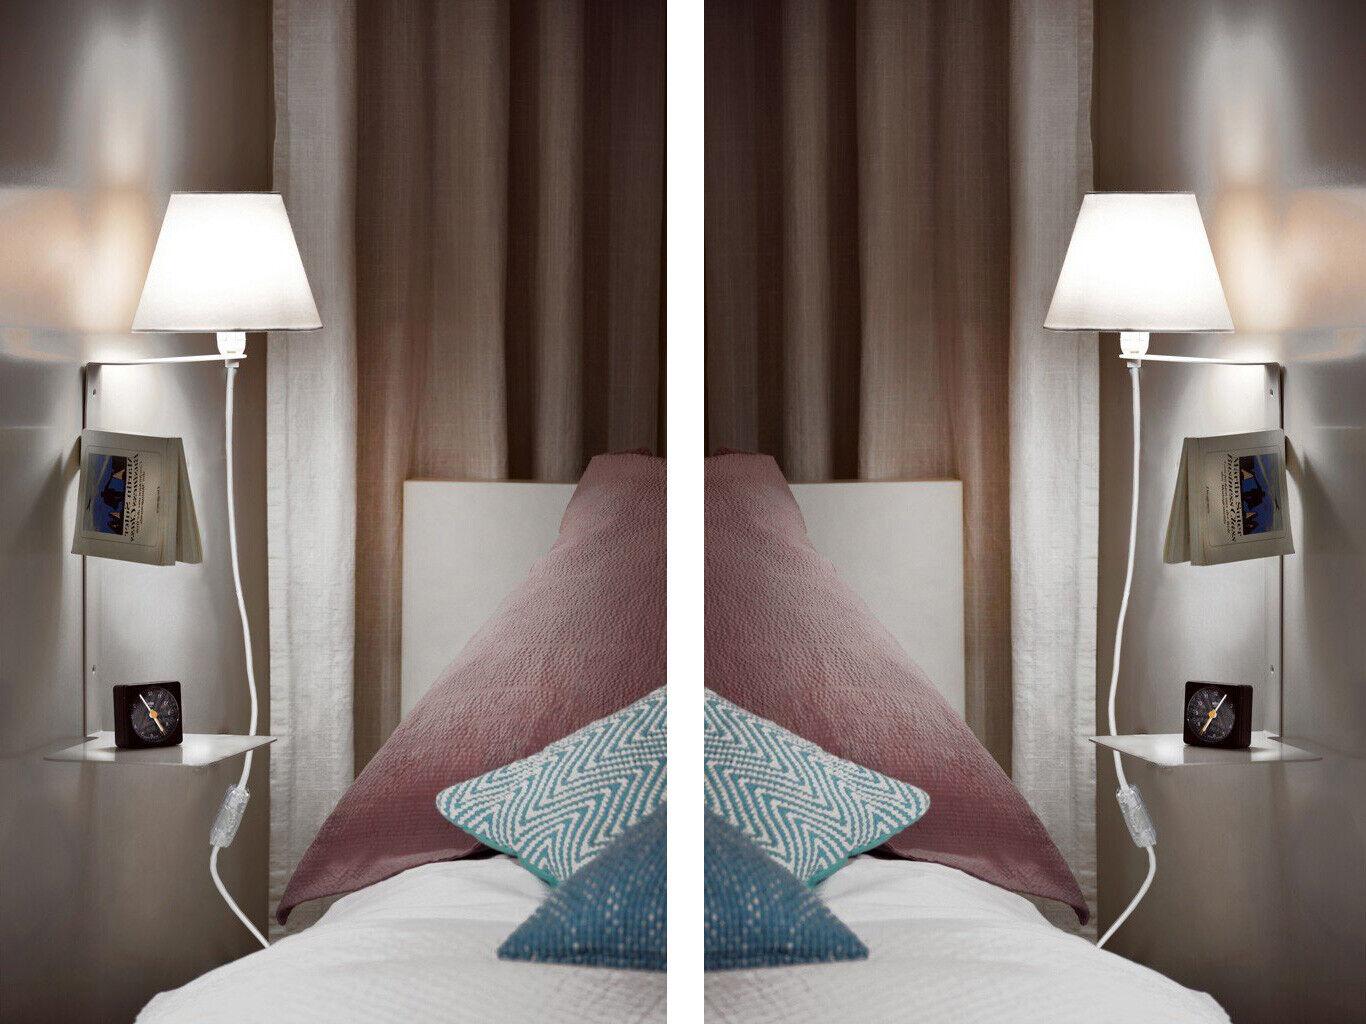 Details zu Wandlampe Schlafzimmer mit Ablage & Schalter Nachttisch Leuchte  Wand Regal Lampe